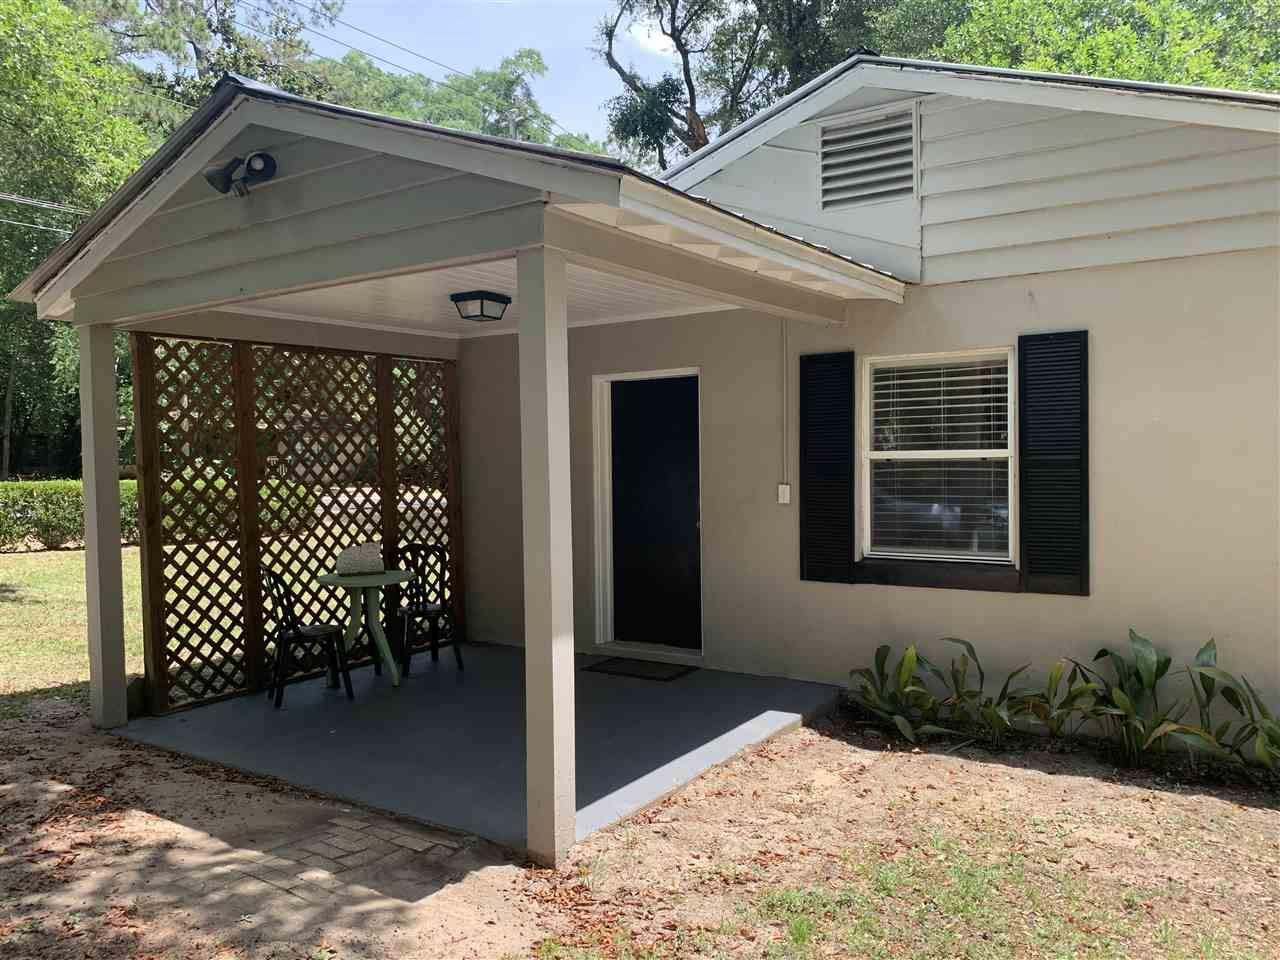 1622 Rankin Ave, Tallahassee, FL 32310 - MLS#: 333420